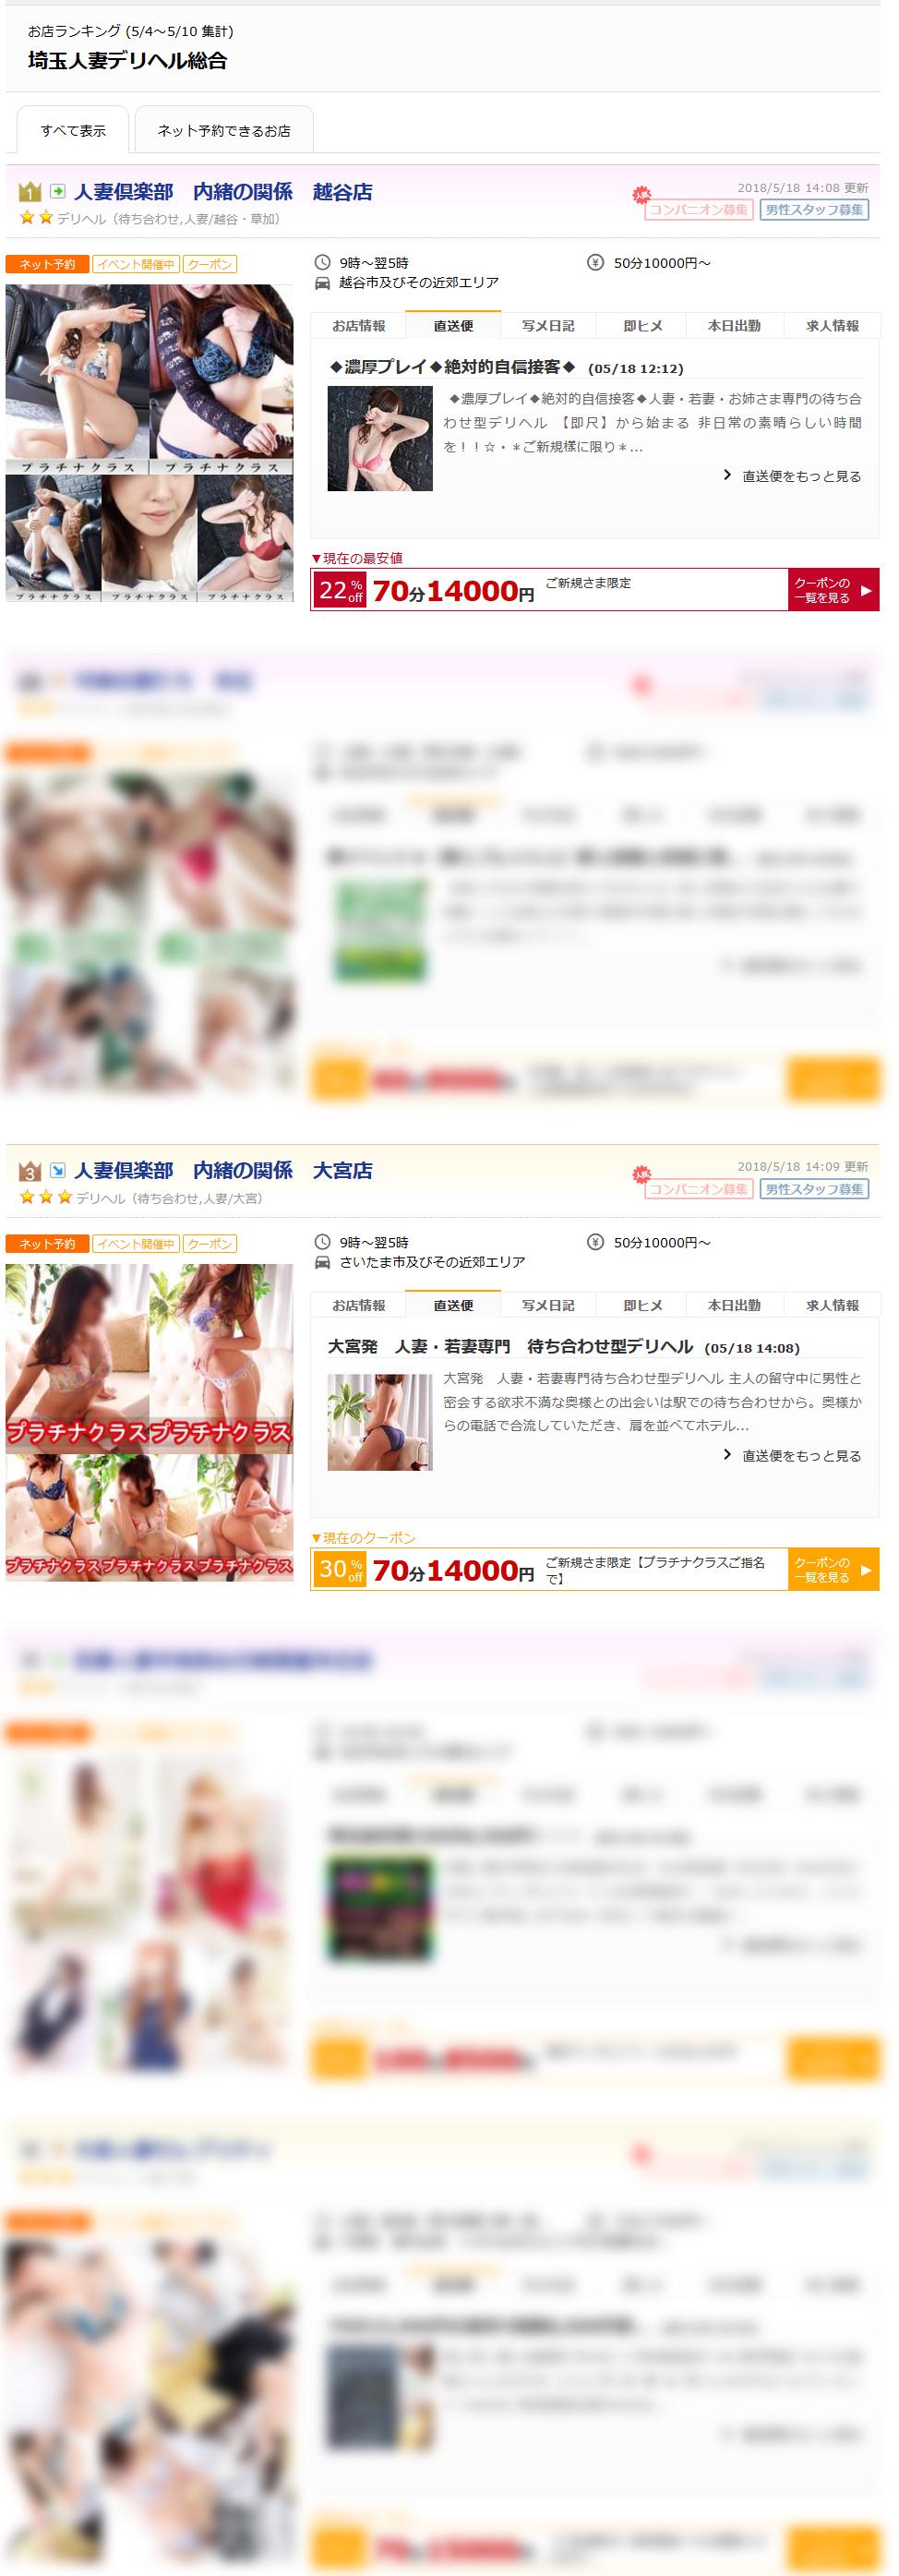 埼玉県人妻デリヘルお店ランキング2018-05-14